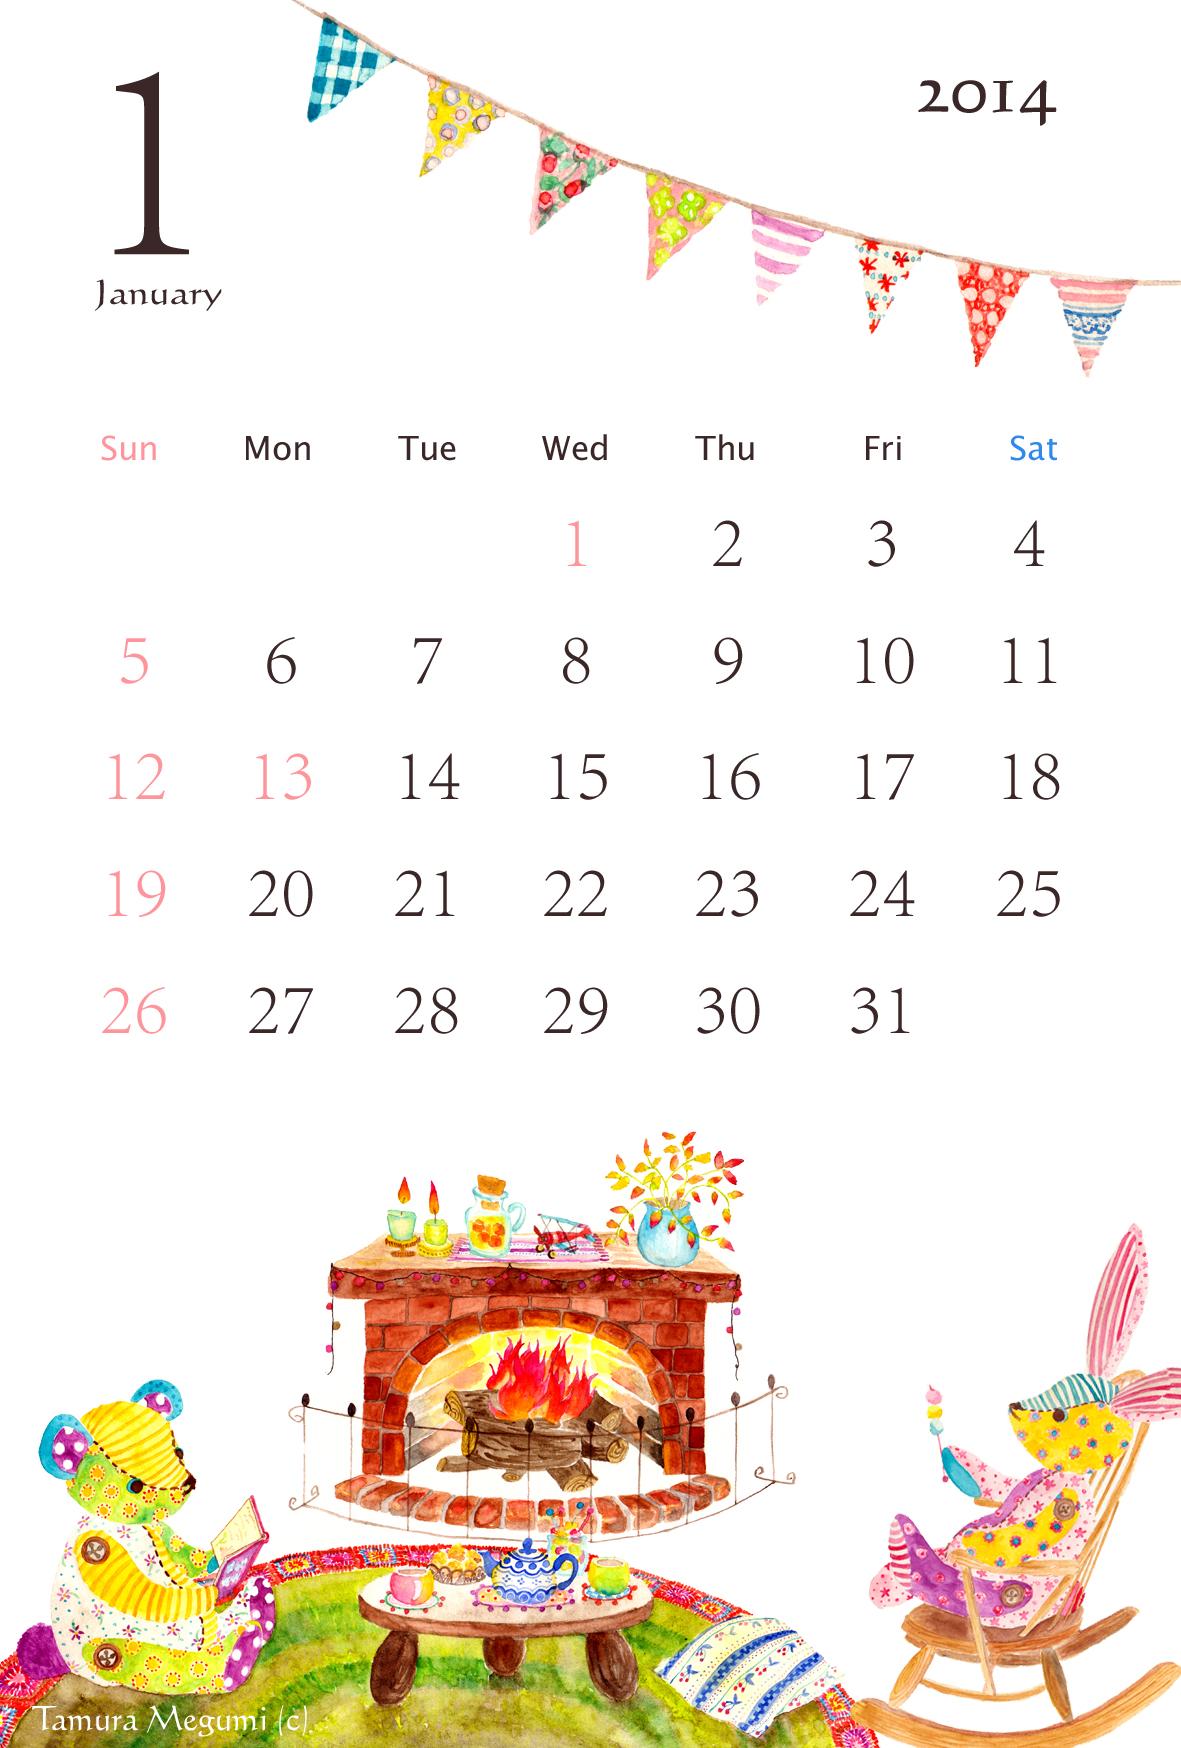 カレンダー 2014年1月カレンダー : 2014年1月 カレンダー ハガキ ...